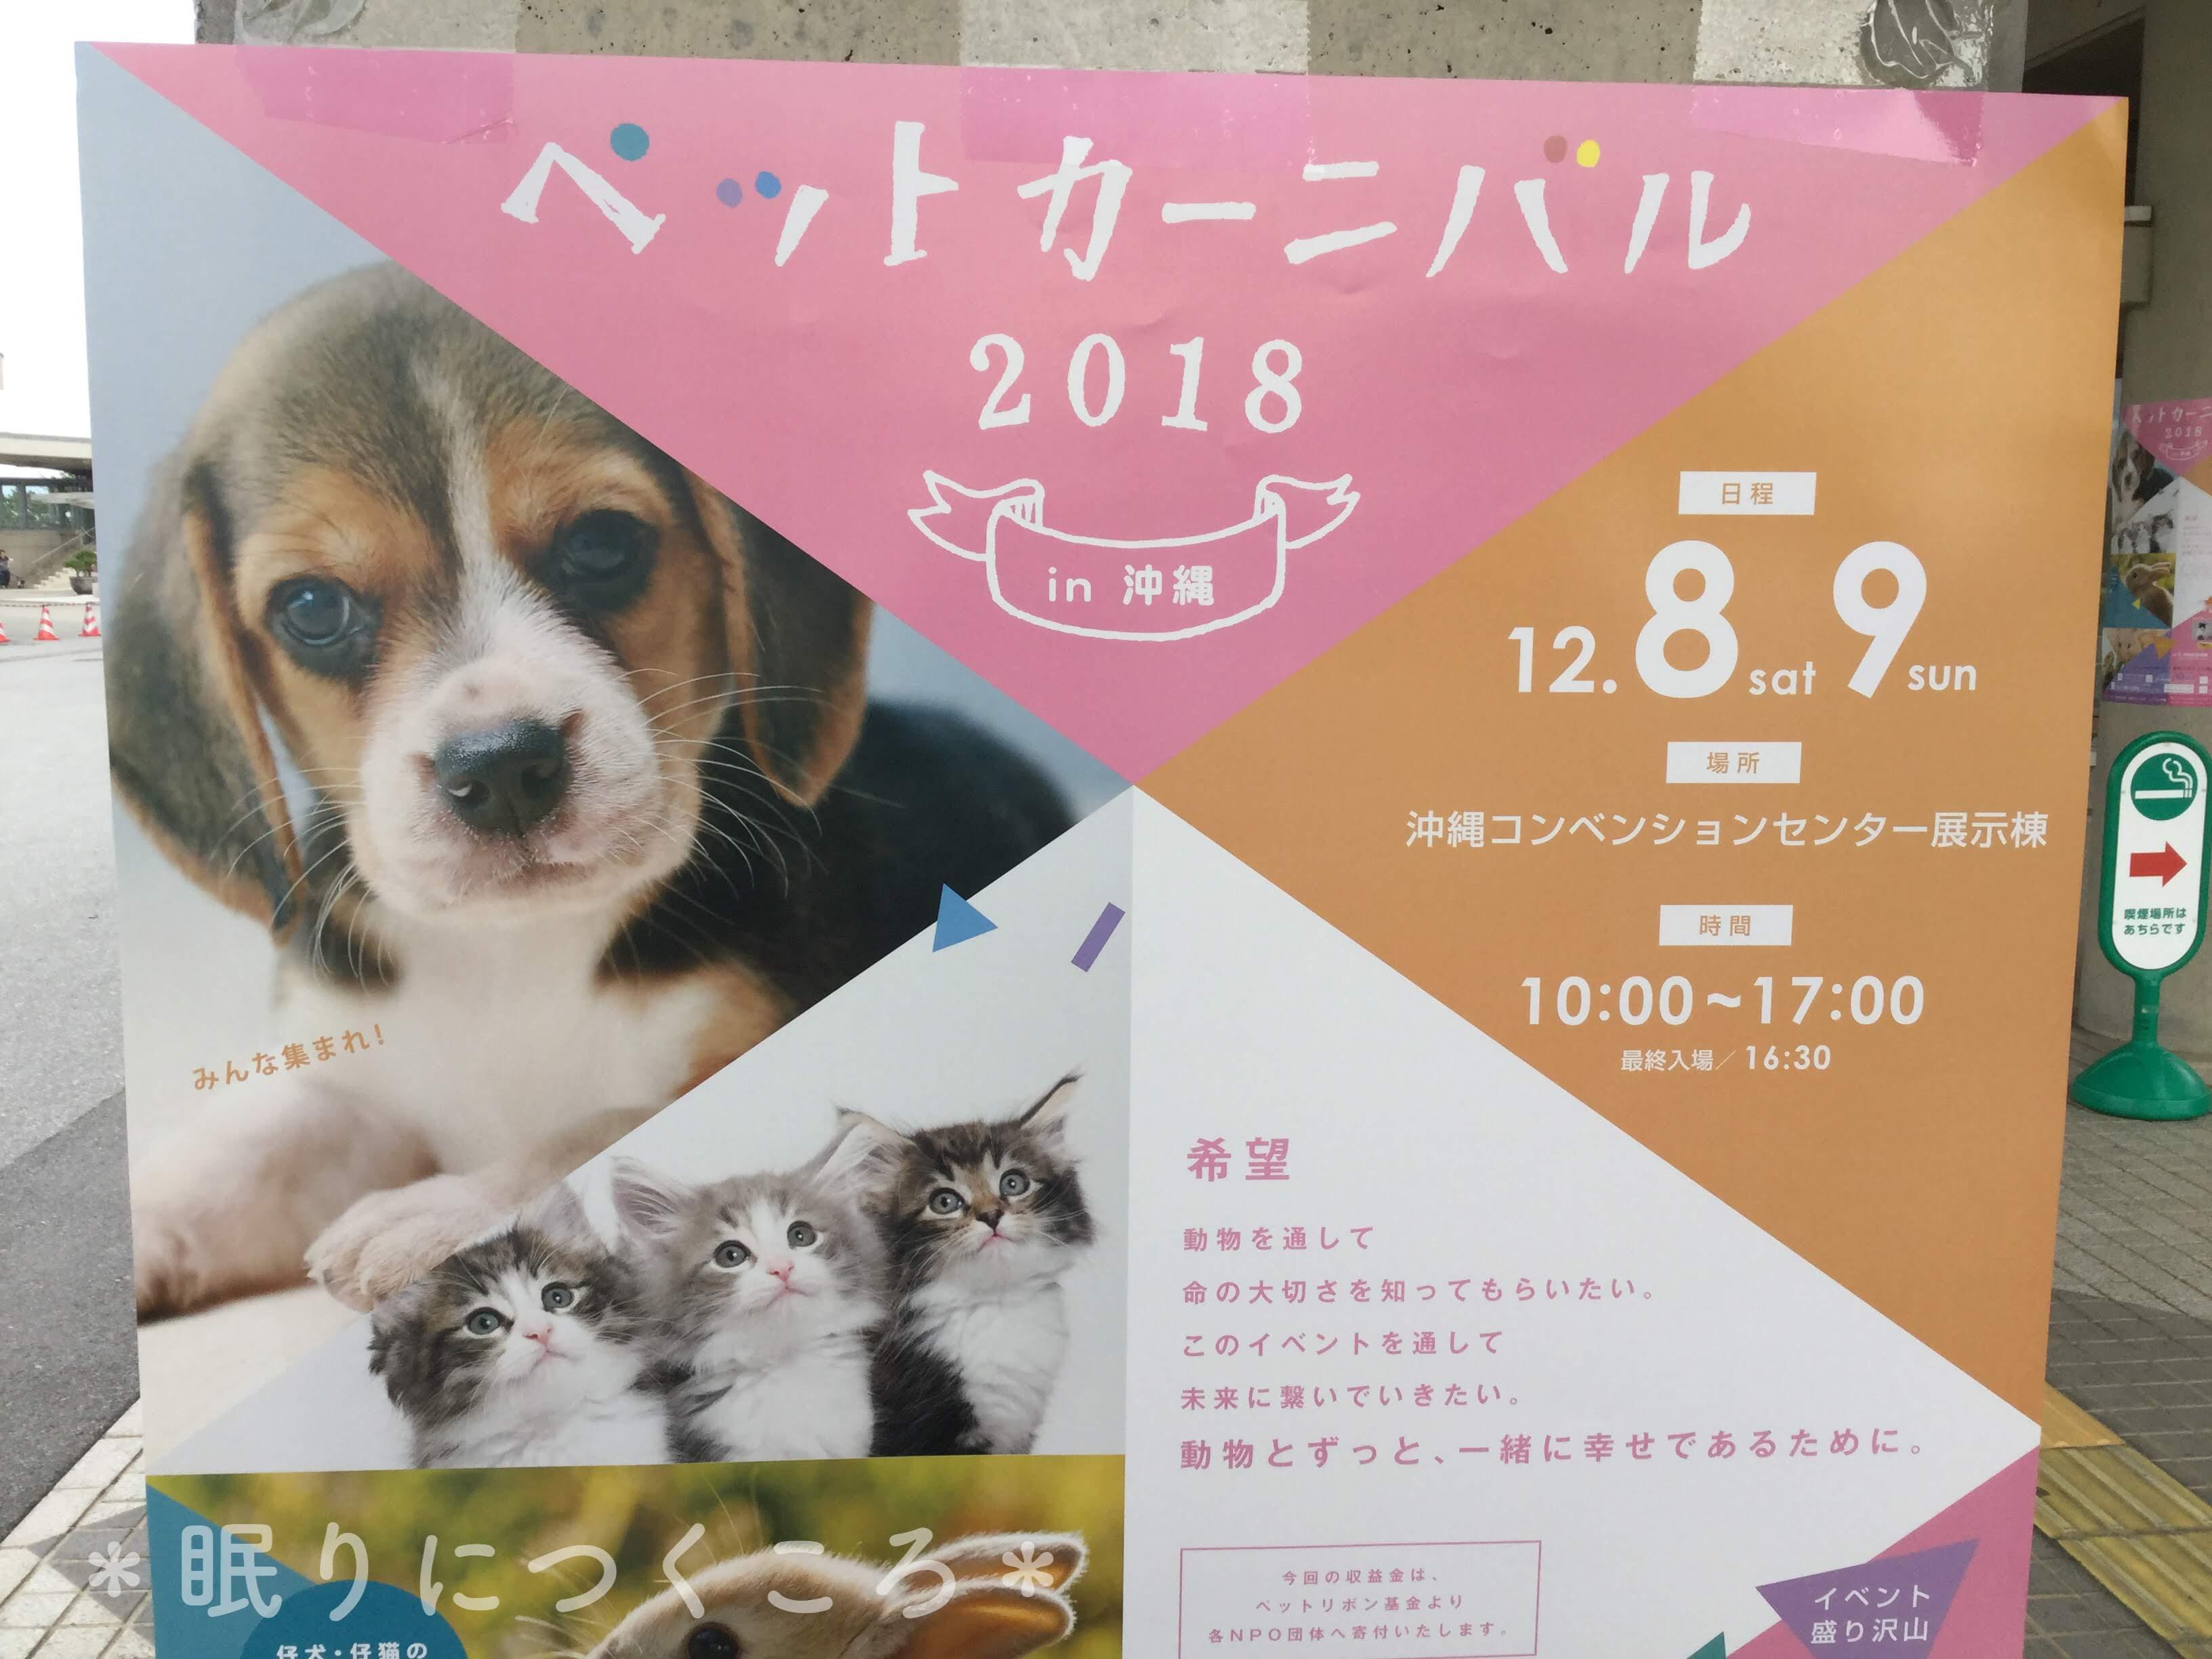 ペットカーニバル2018イン沖縄ポスター